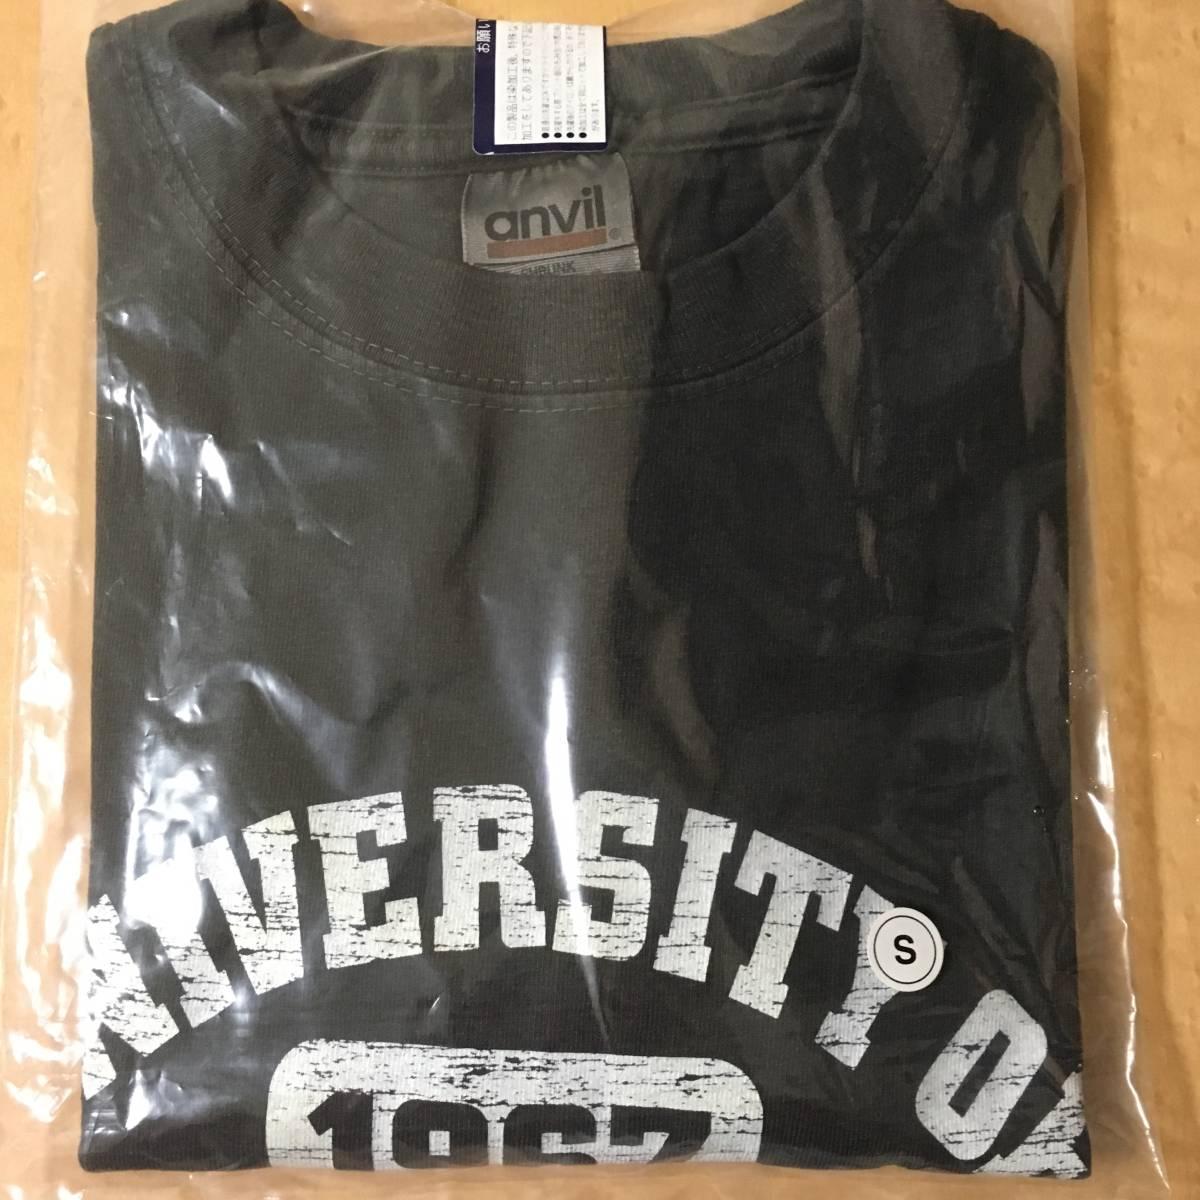 スピッツ Tシャツ ユニバーシティ 未使用 黒 S